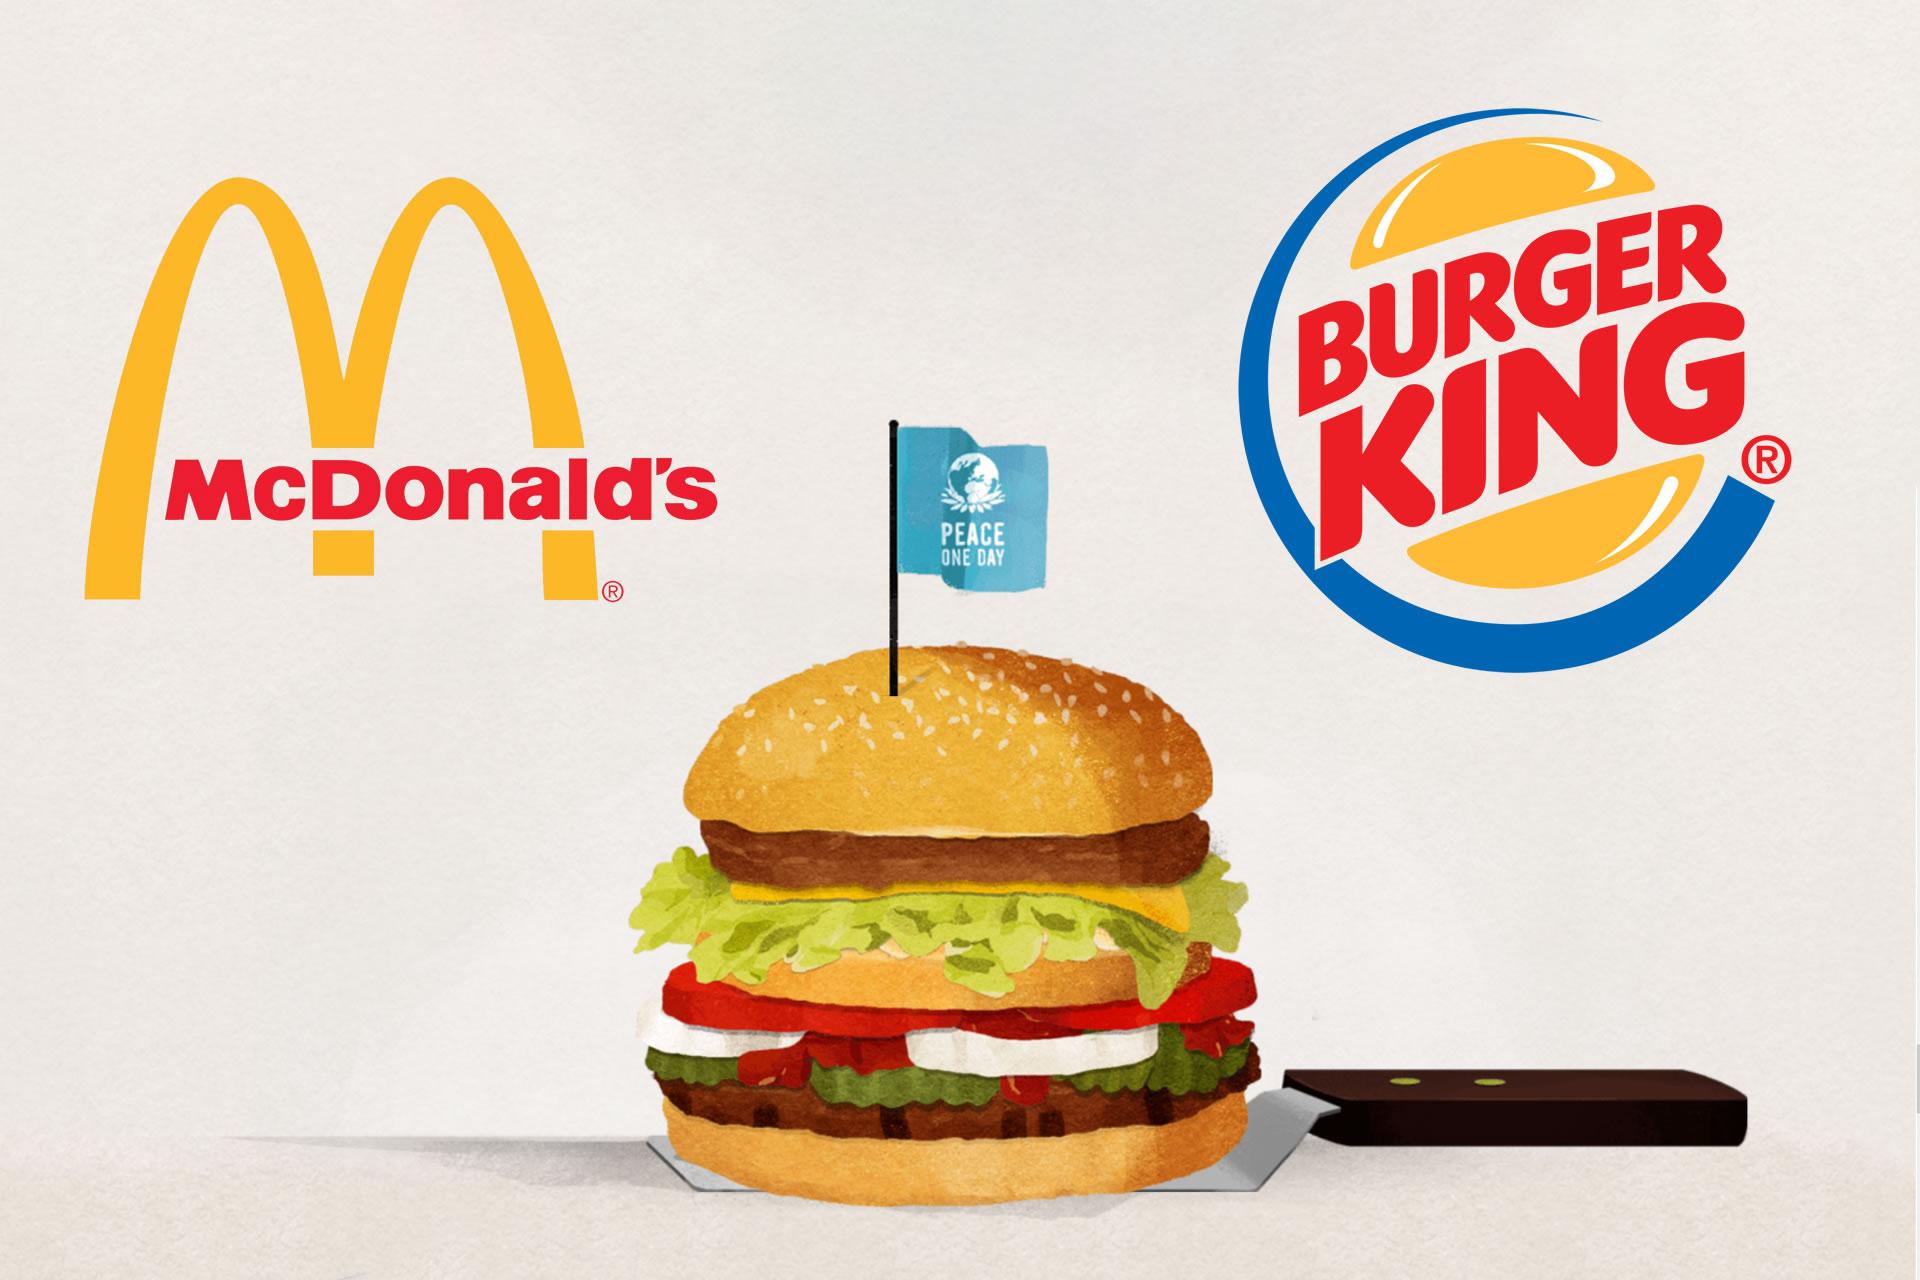 McDonald's versus Burger King